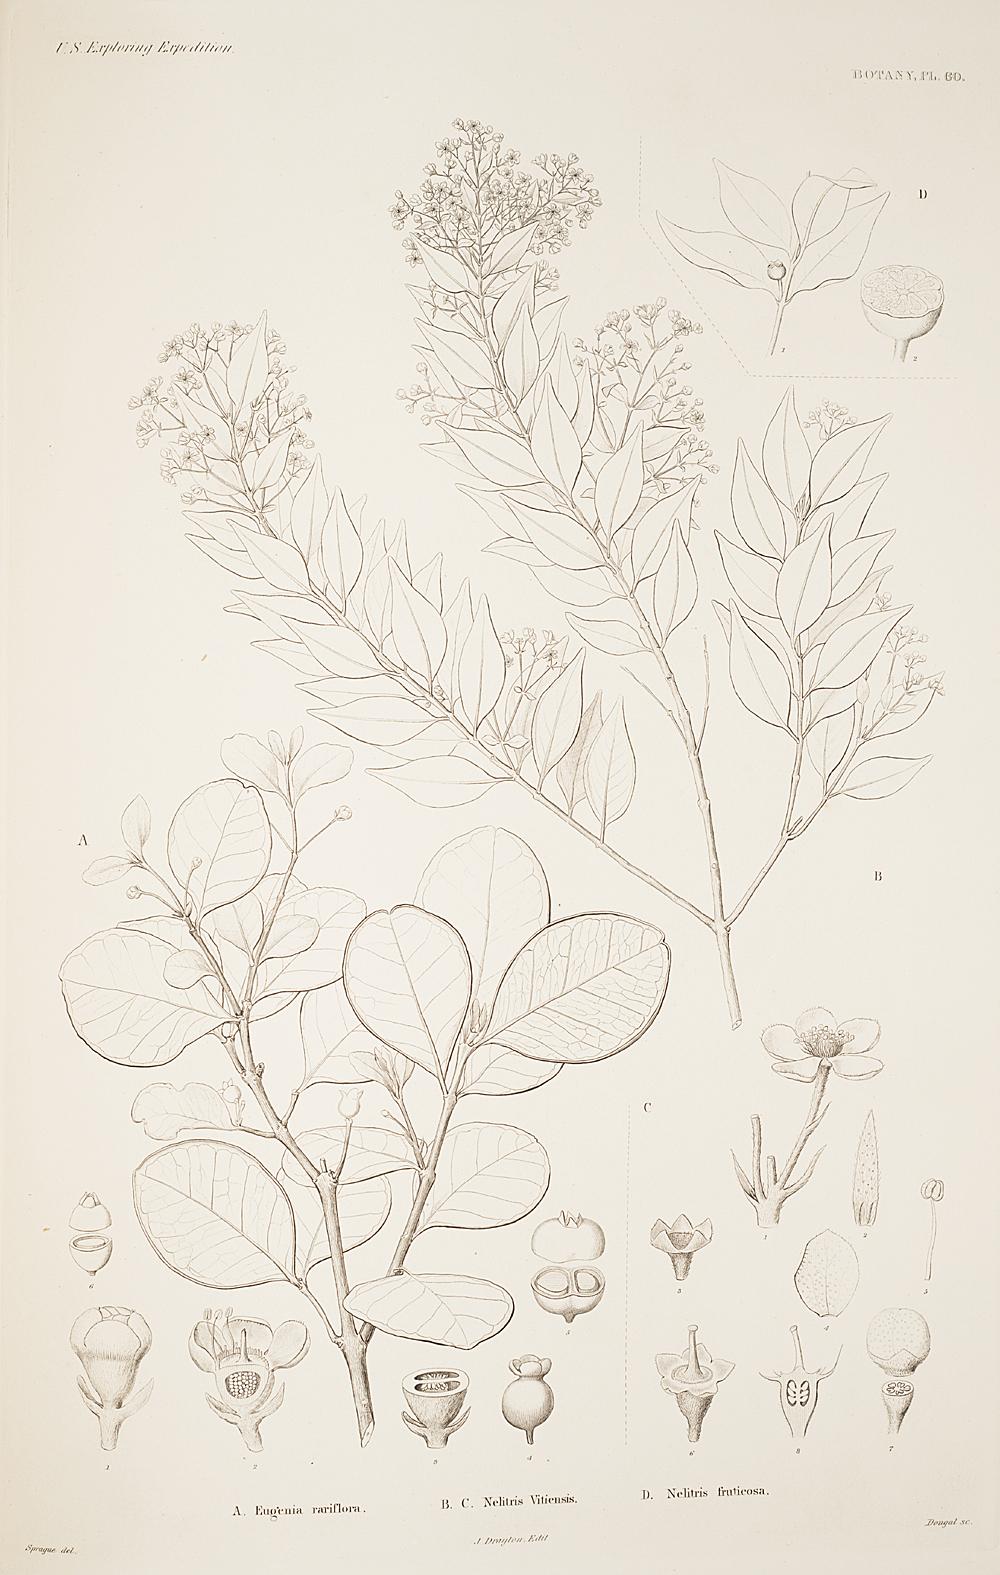 Botany, Pl. 60,  Image number:sil19-23-131b